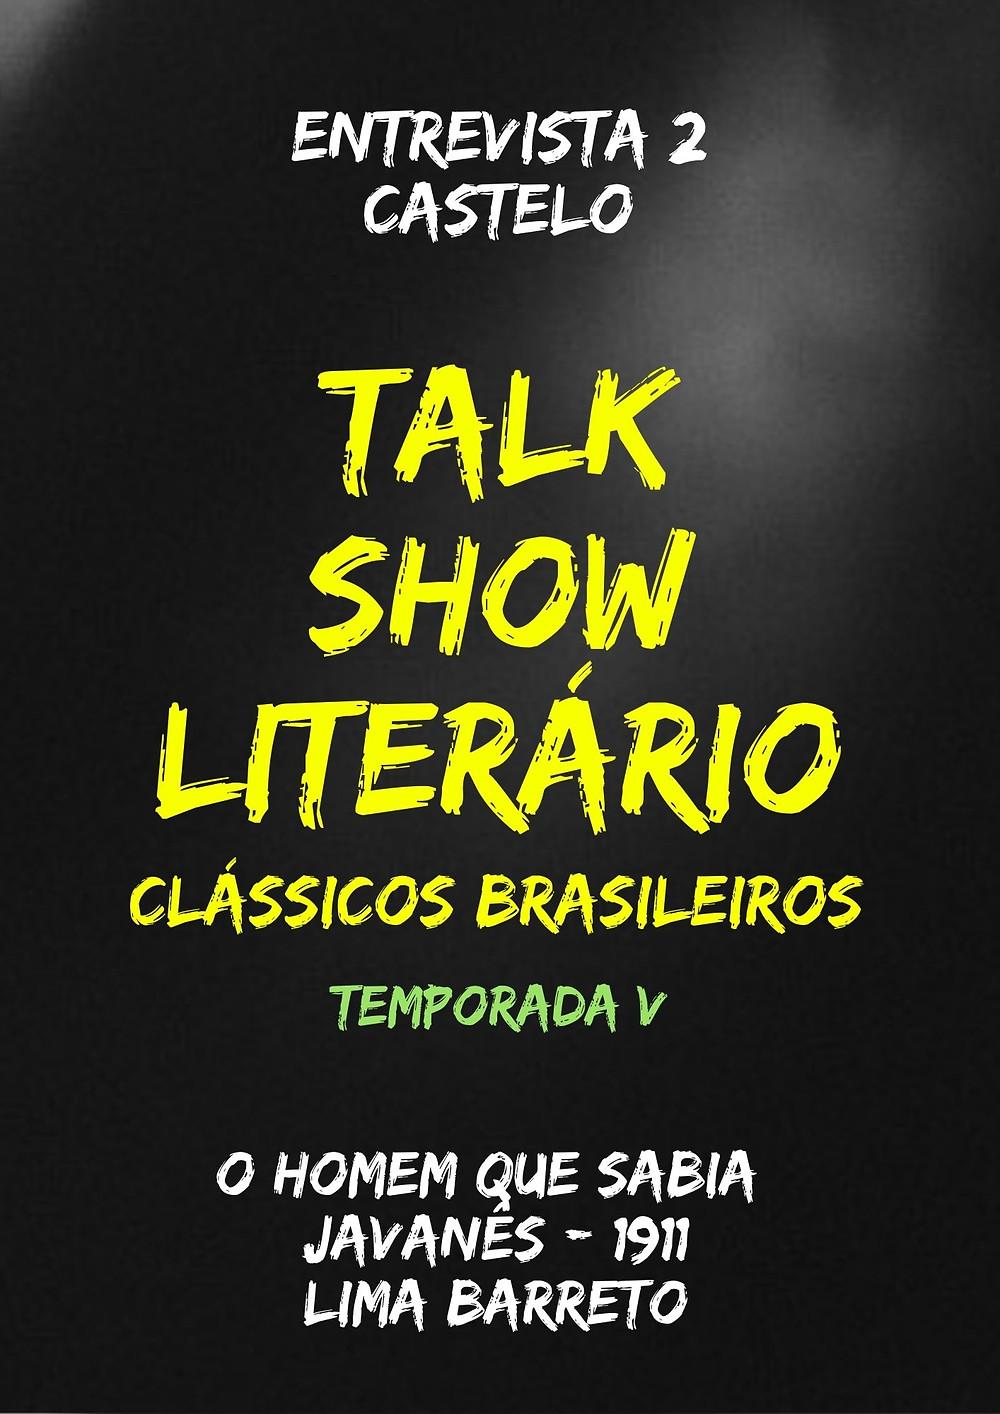 Talk Show Literário: Castelo - O Homem que Sabia Javanês - Lima Barreto